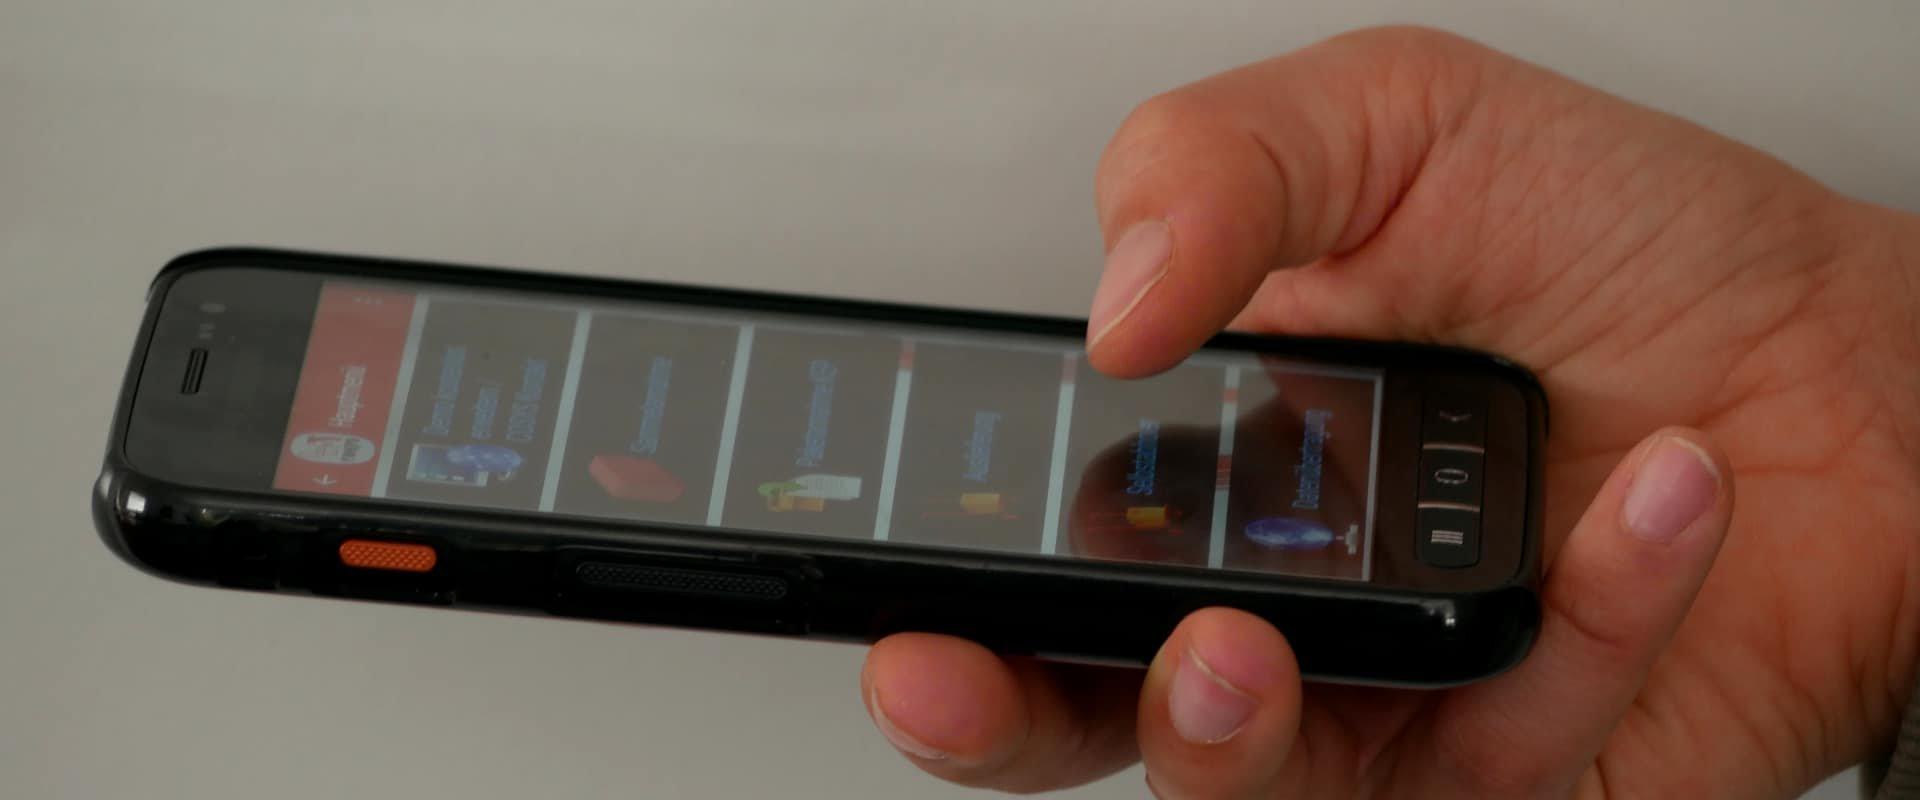 Hauspost digital dokumentieren und tracken